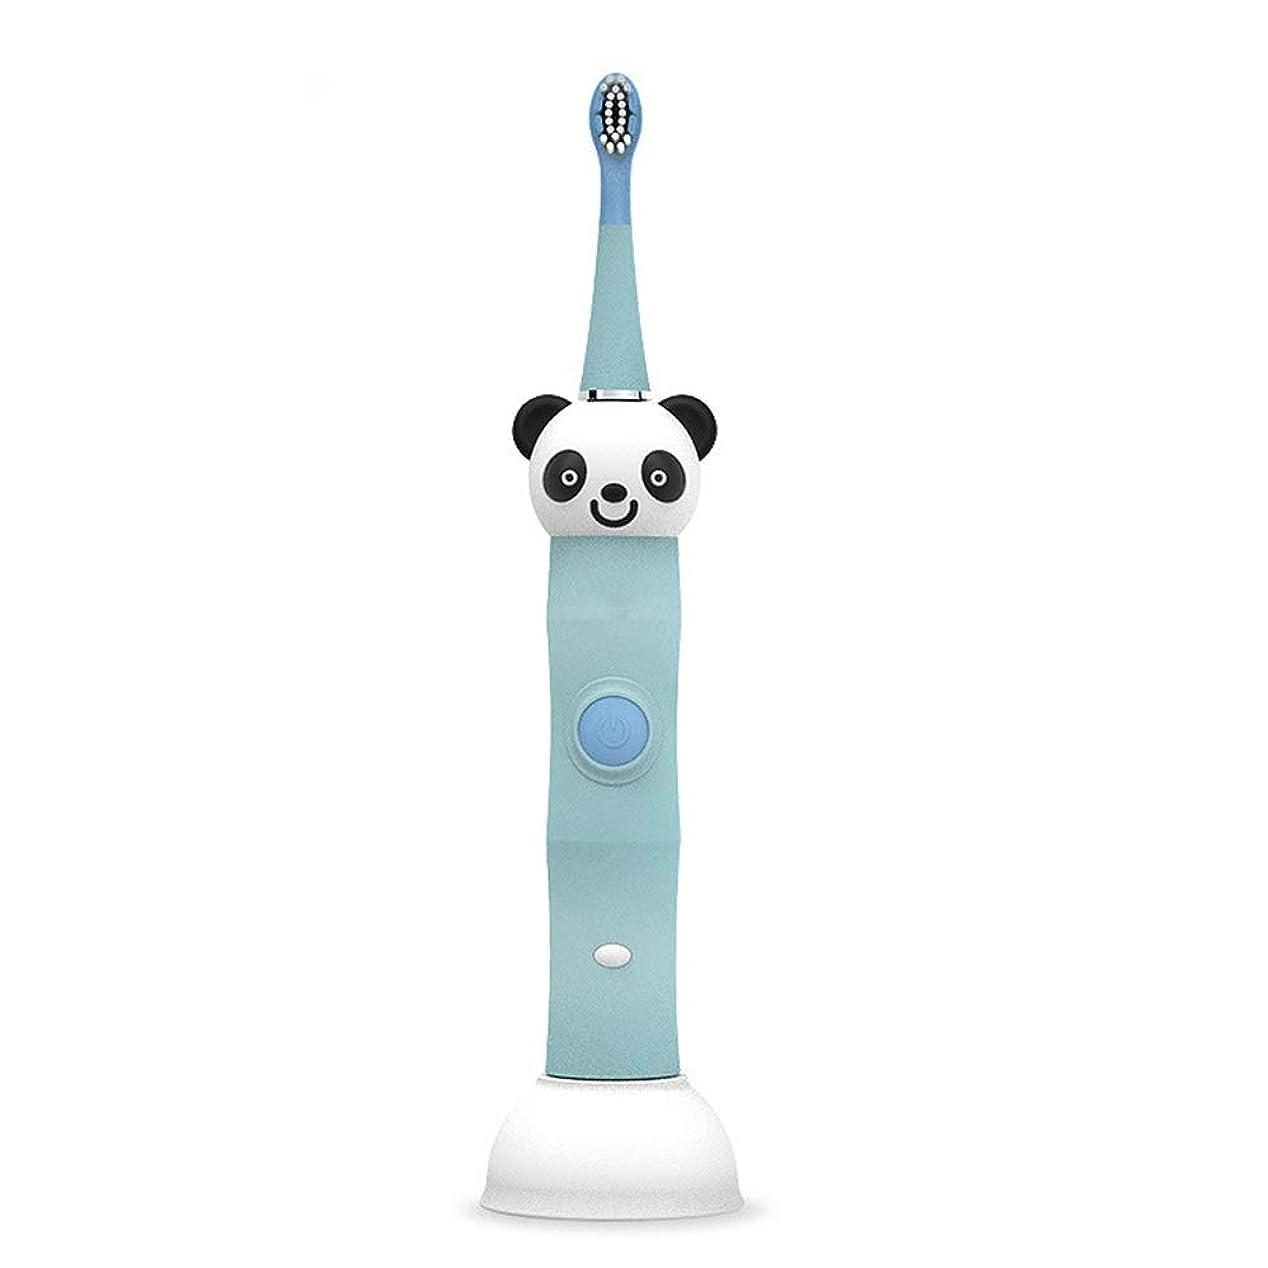 セージ経歴ツーリスト電動歯ブラシ, USBの充満基盤の柔らかい毛のきれいな歯ブラシと防水子供の電動歯ブラシ (色 : 青, サイズ : Free size)